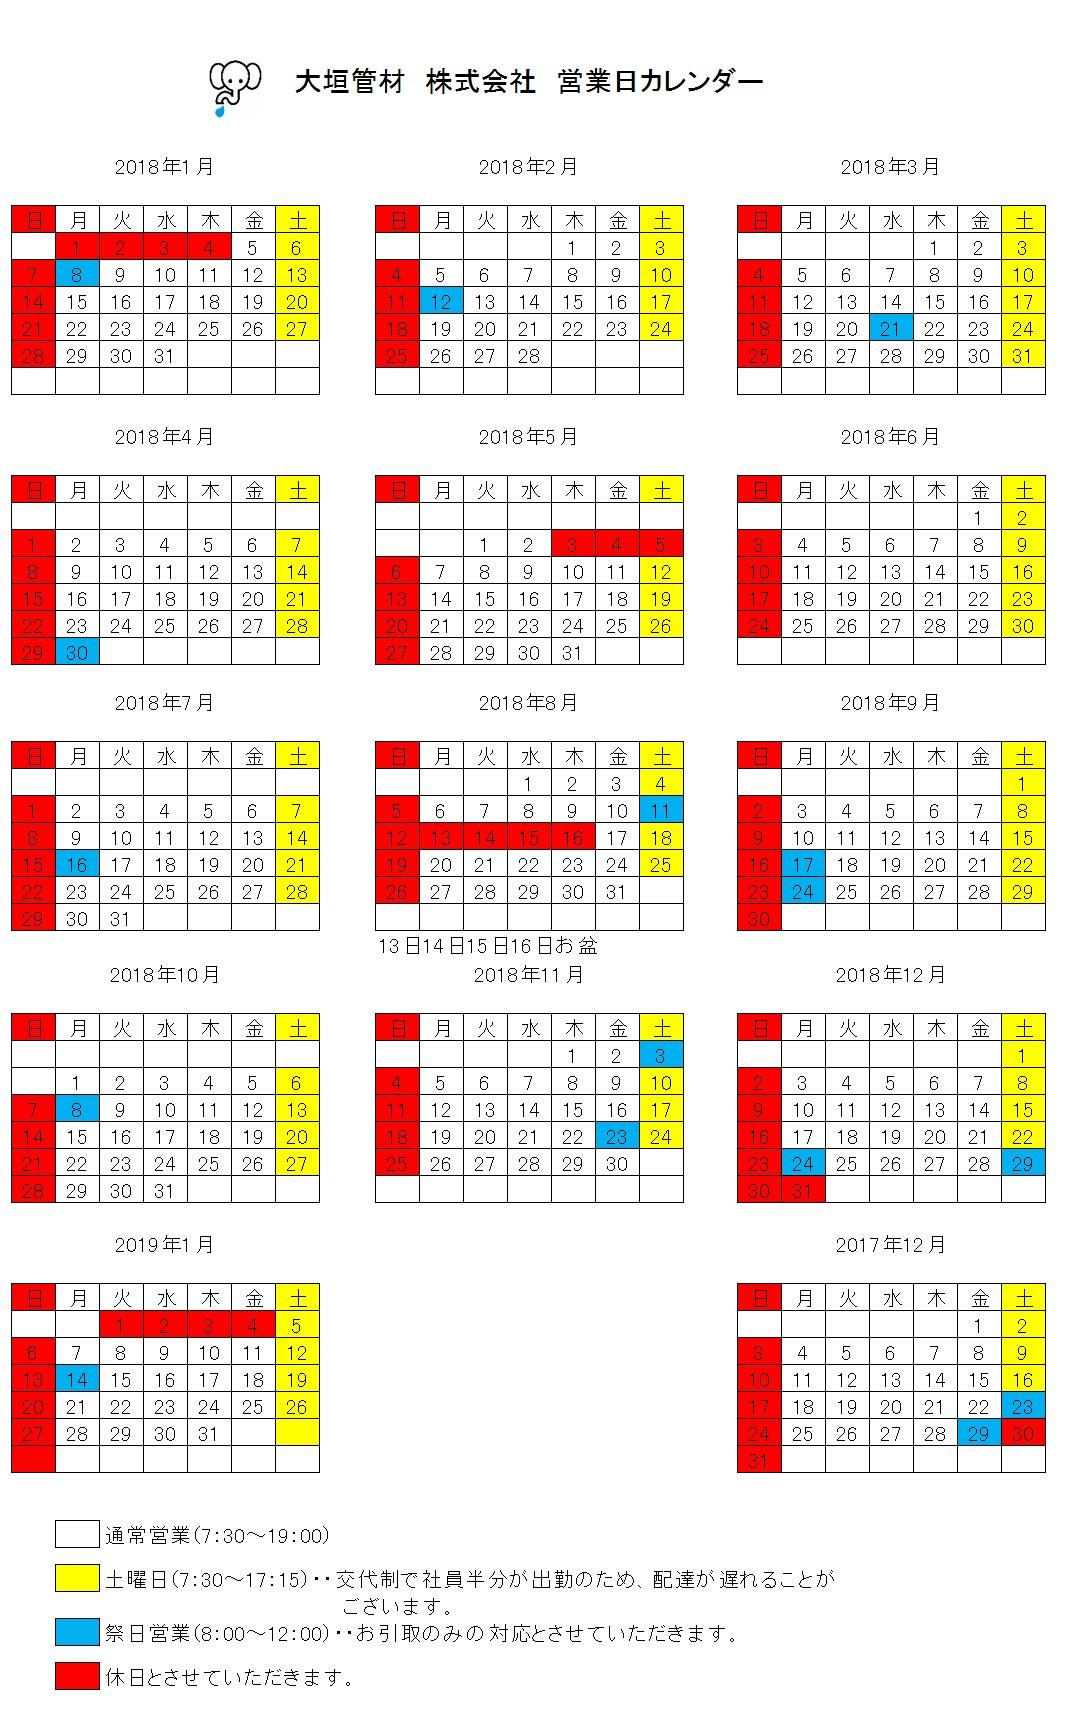 大垣管材2018年間カレンダー